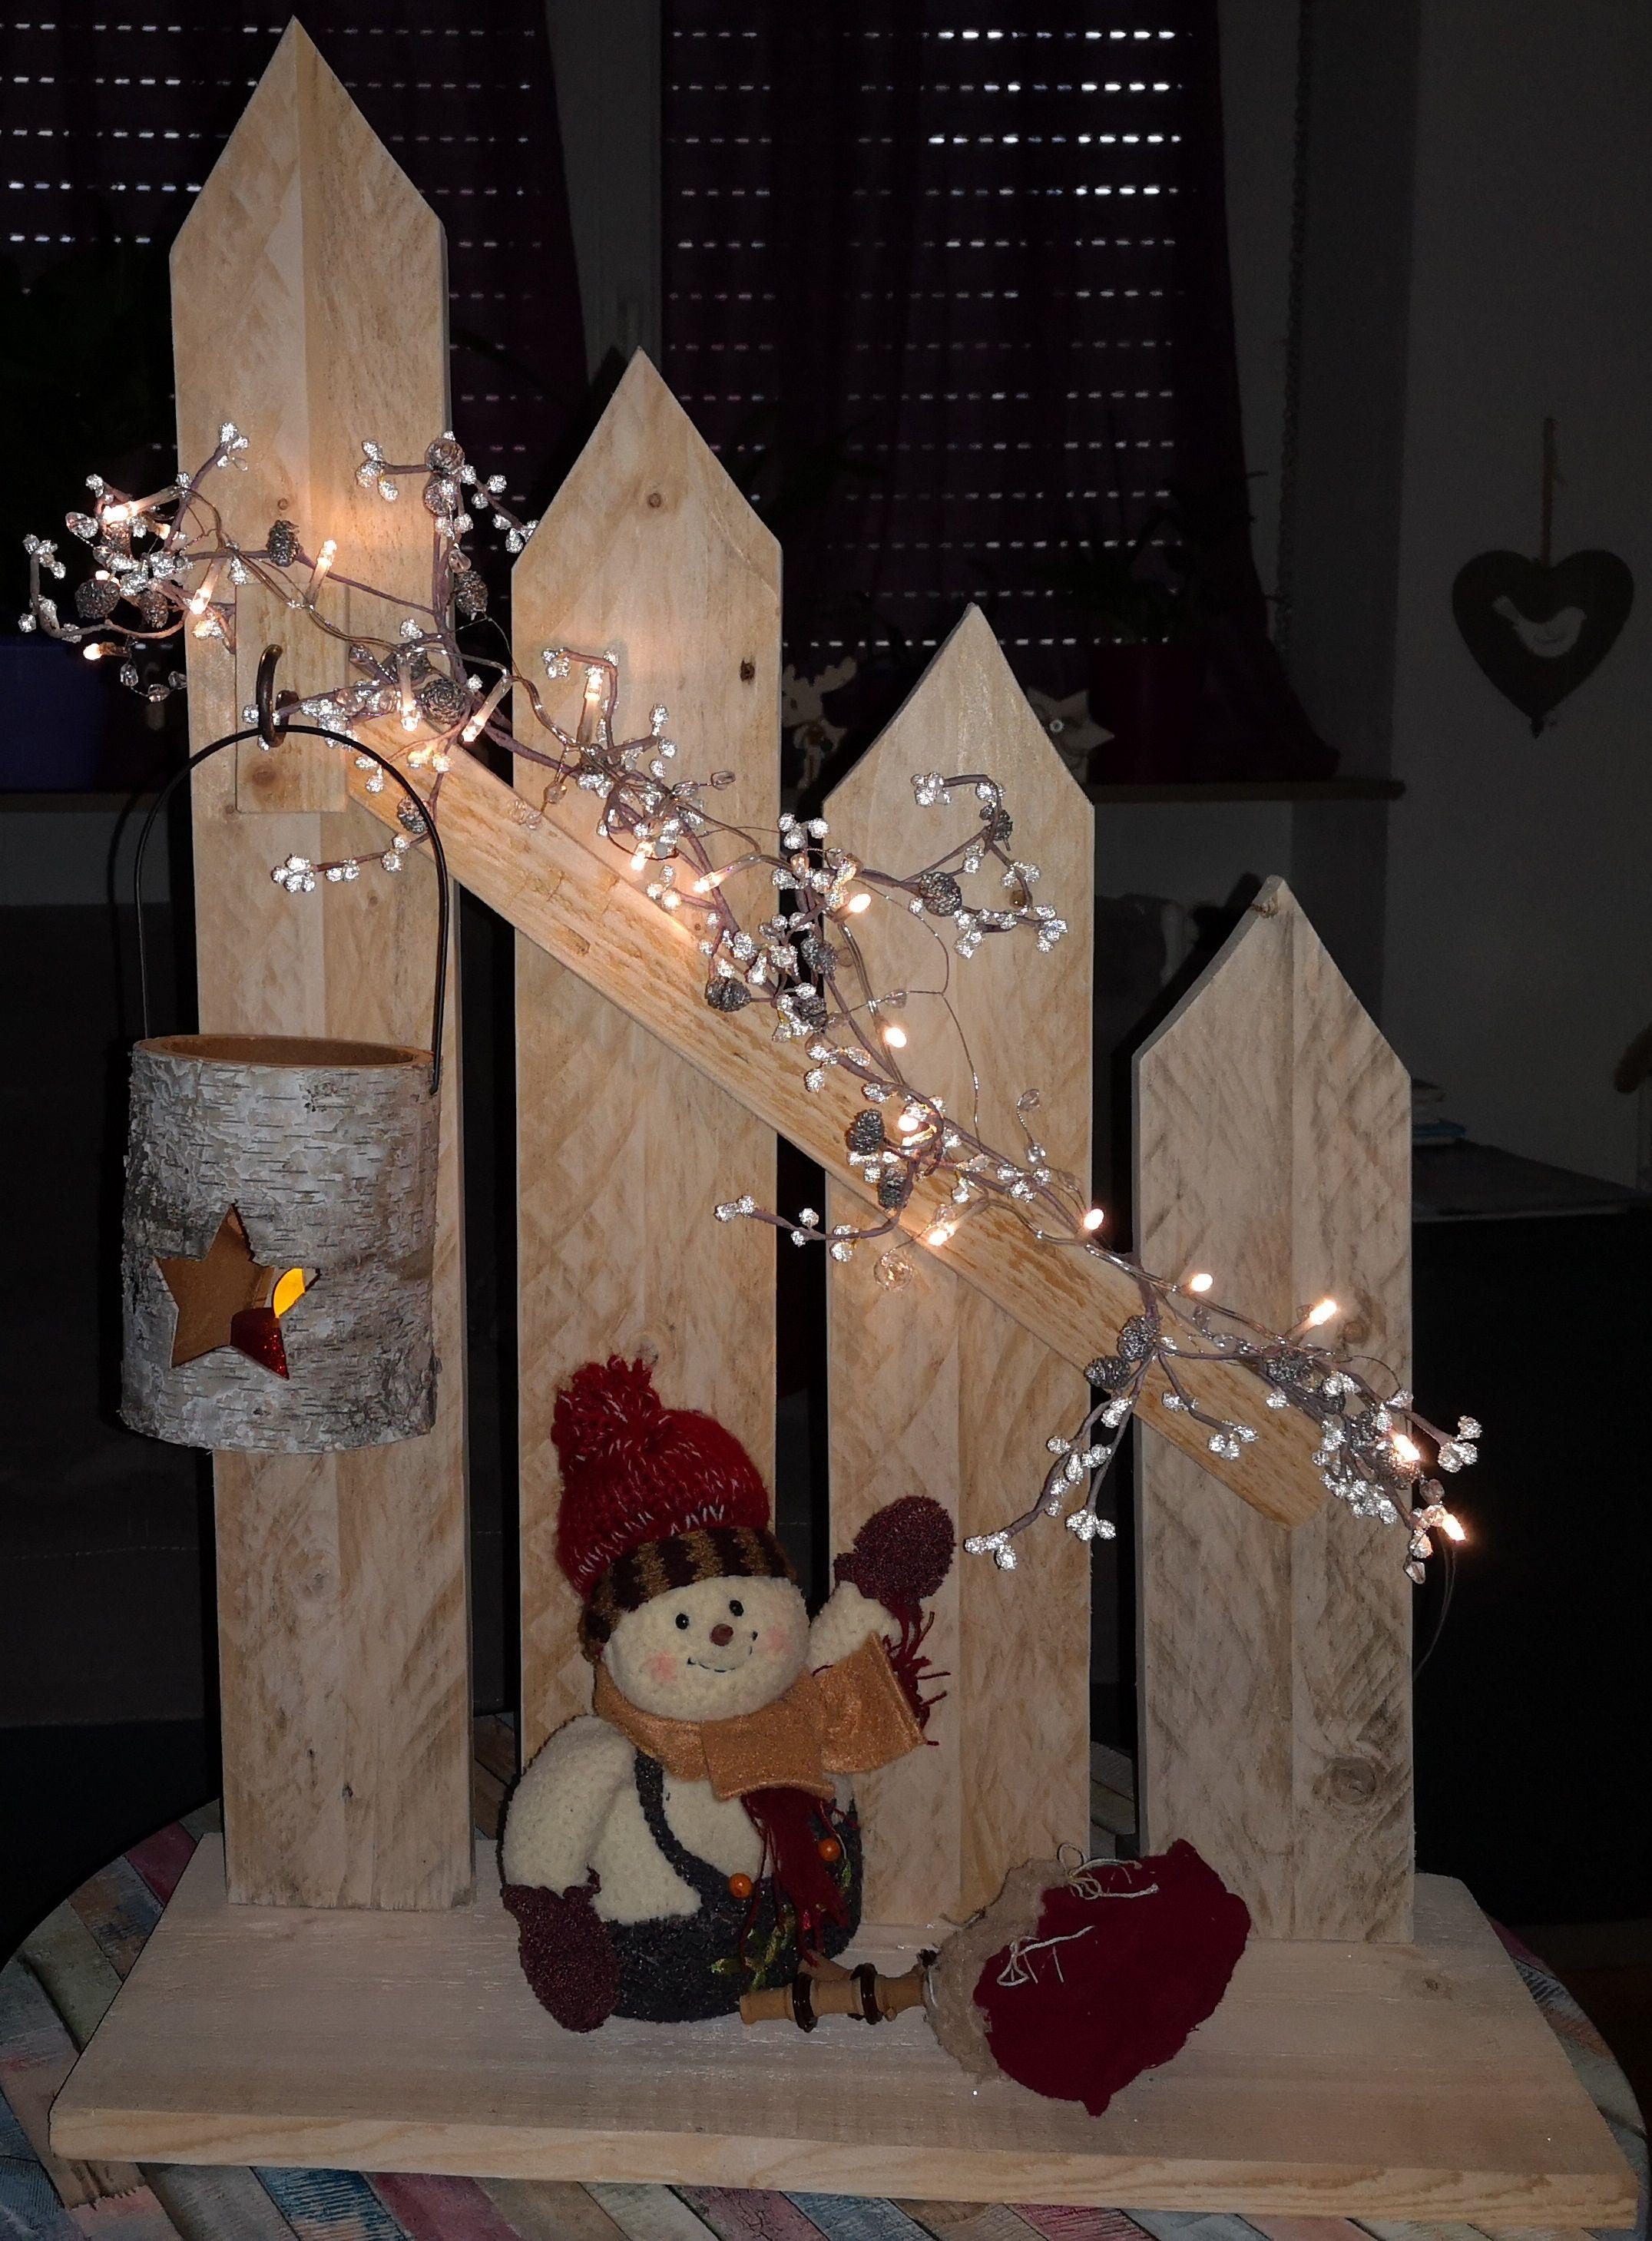 Pin By Jean Luc Celettz On Noel Wooden Christmas Crafts Christmas Diy Christmas Crafts